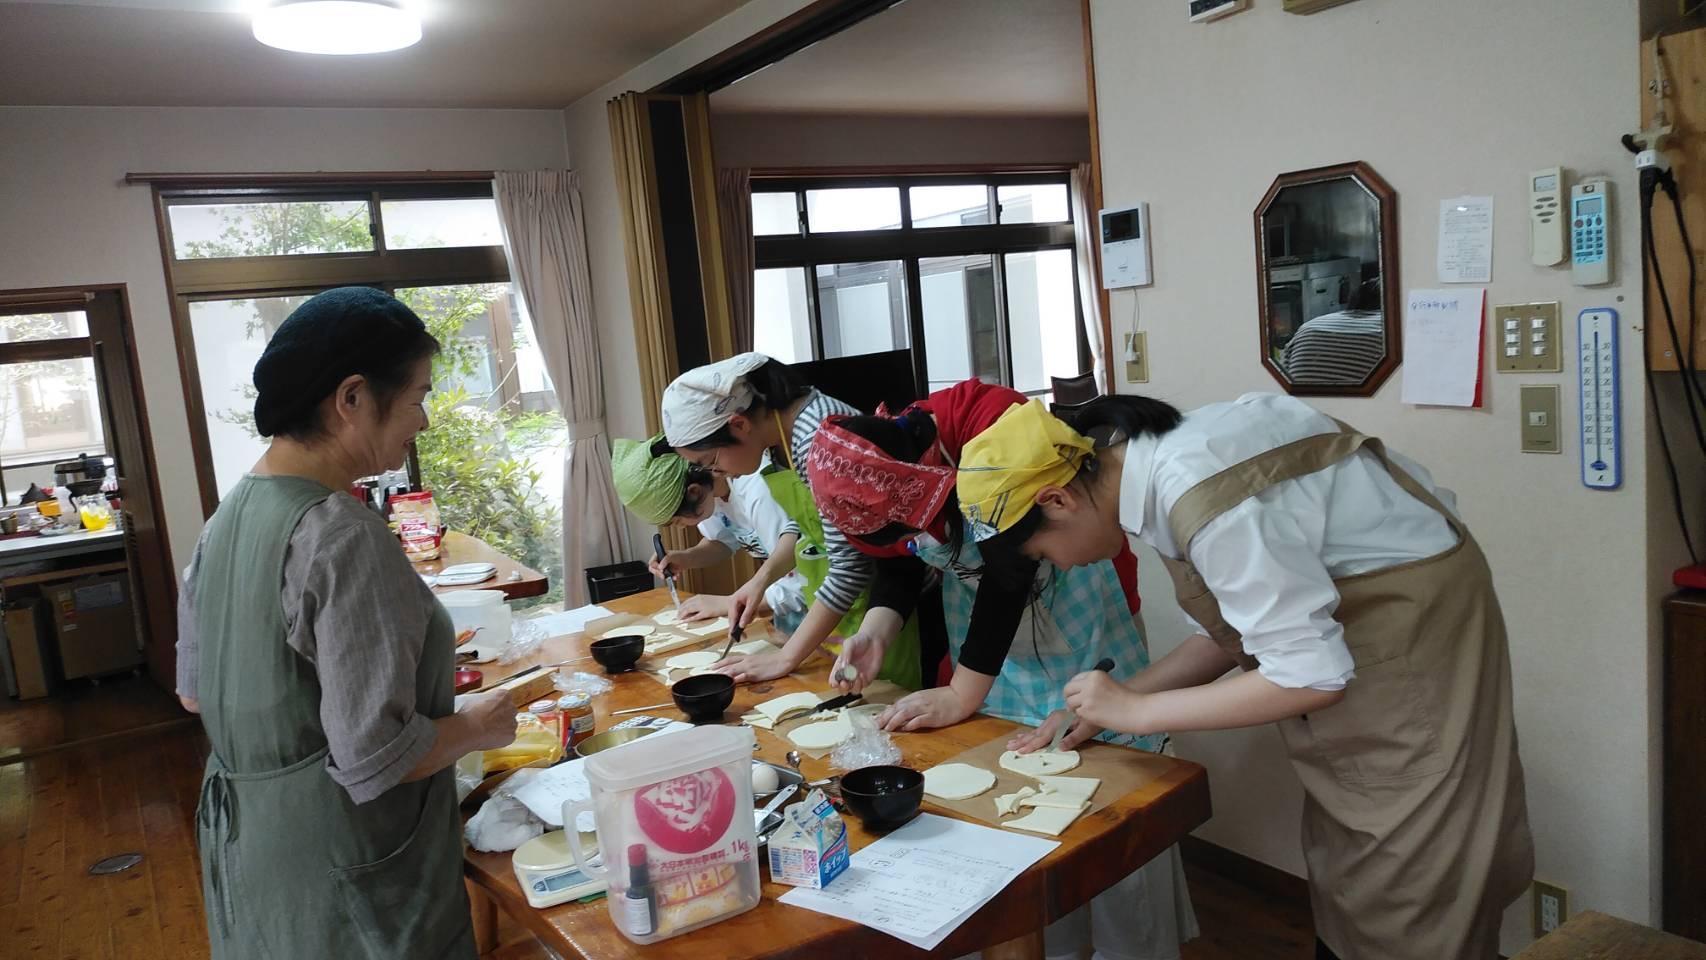 ケーキ作り-1